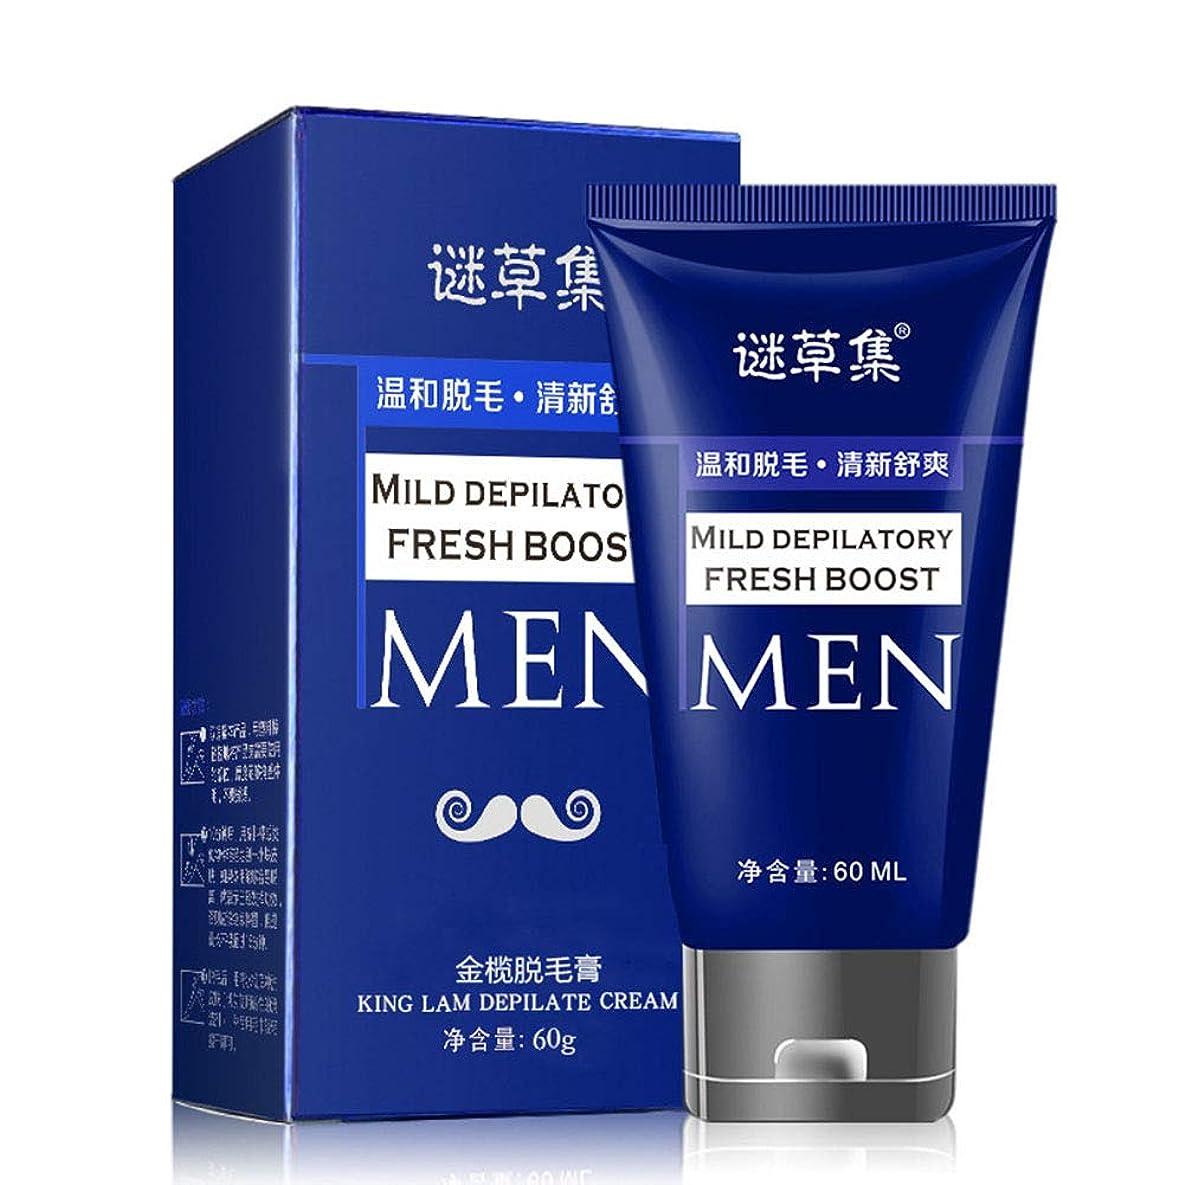 ケントリットルカップルMetermall 60ML脱毛クリーム脱毛腕のアームの脚の毛の痛みは、男性の美容スパのために削除